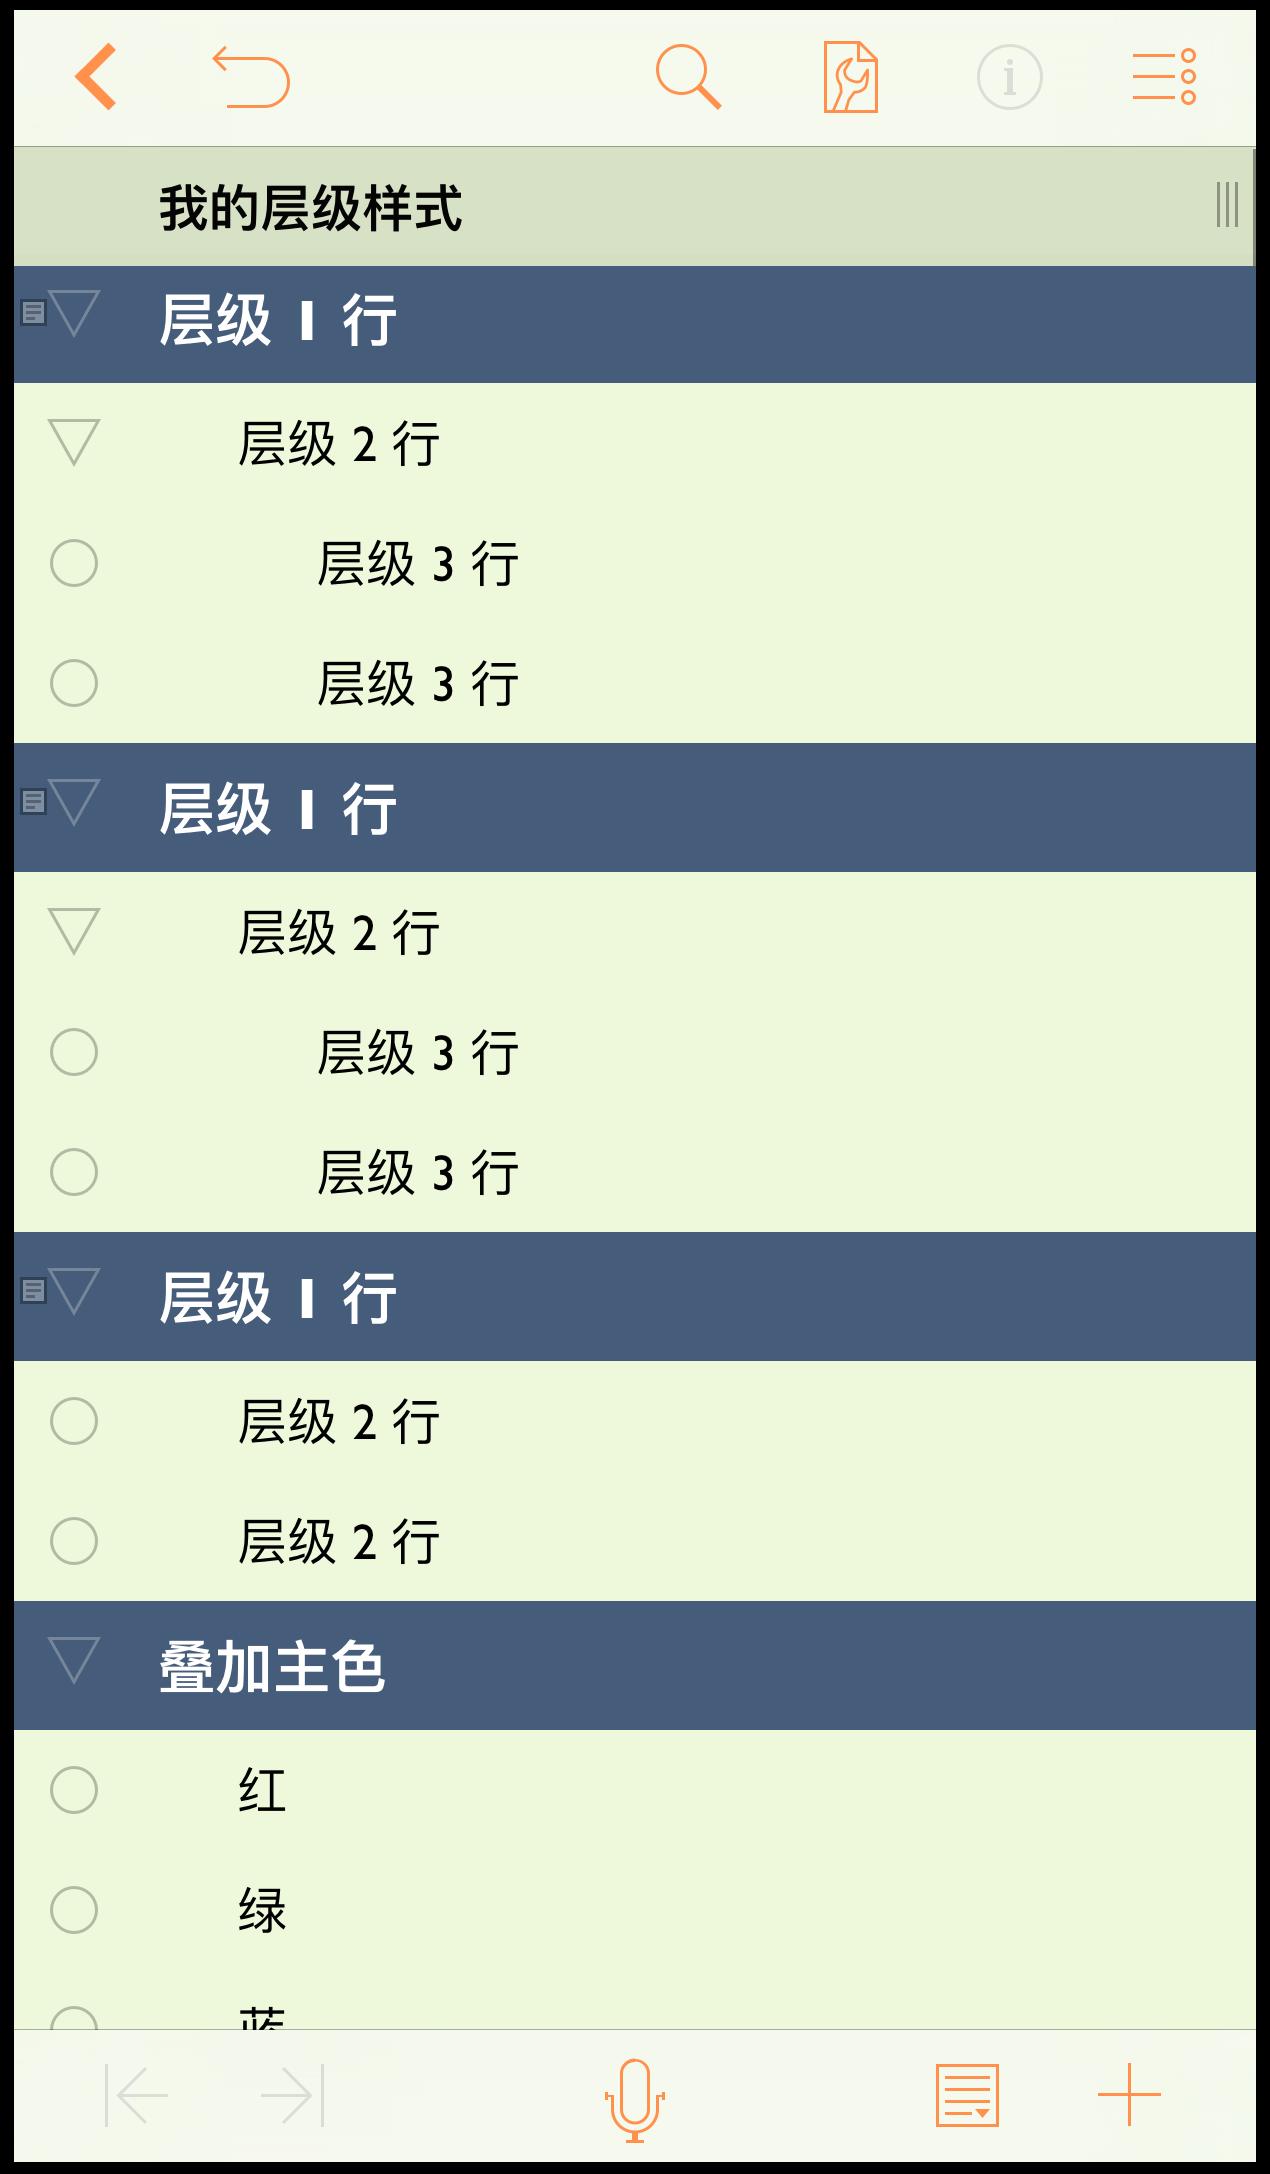 大纲显示对 1 级行样式的操作结果